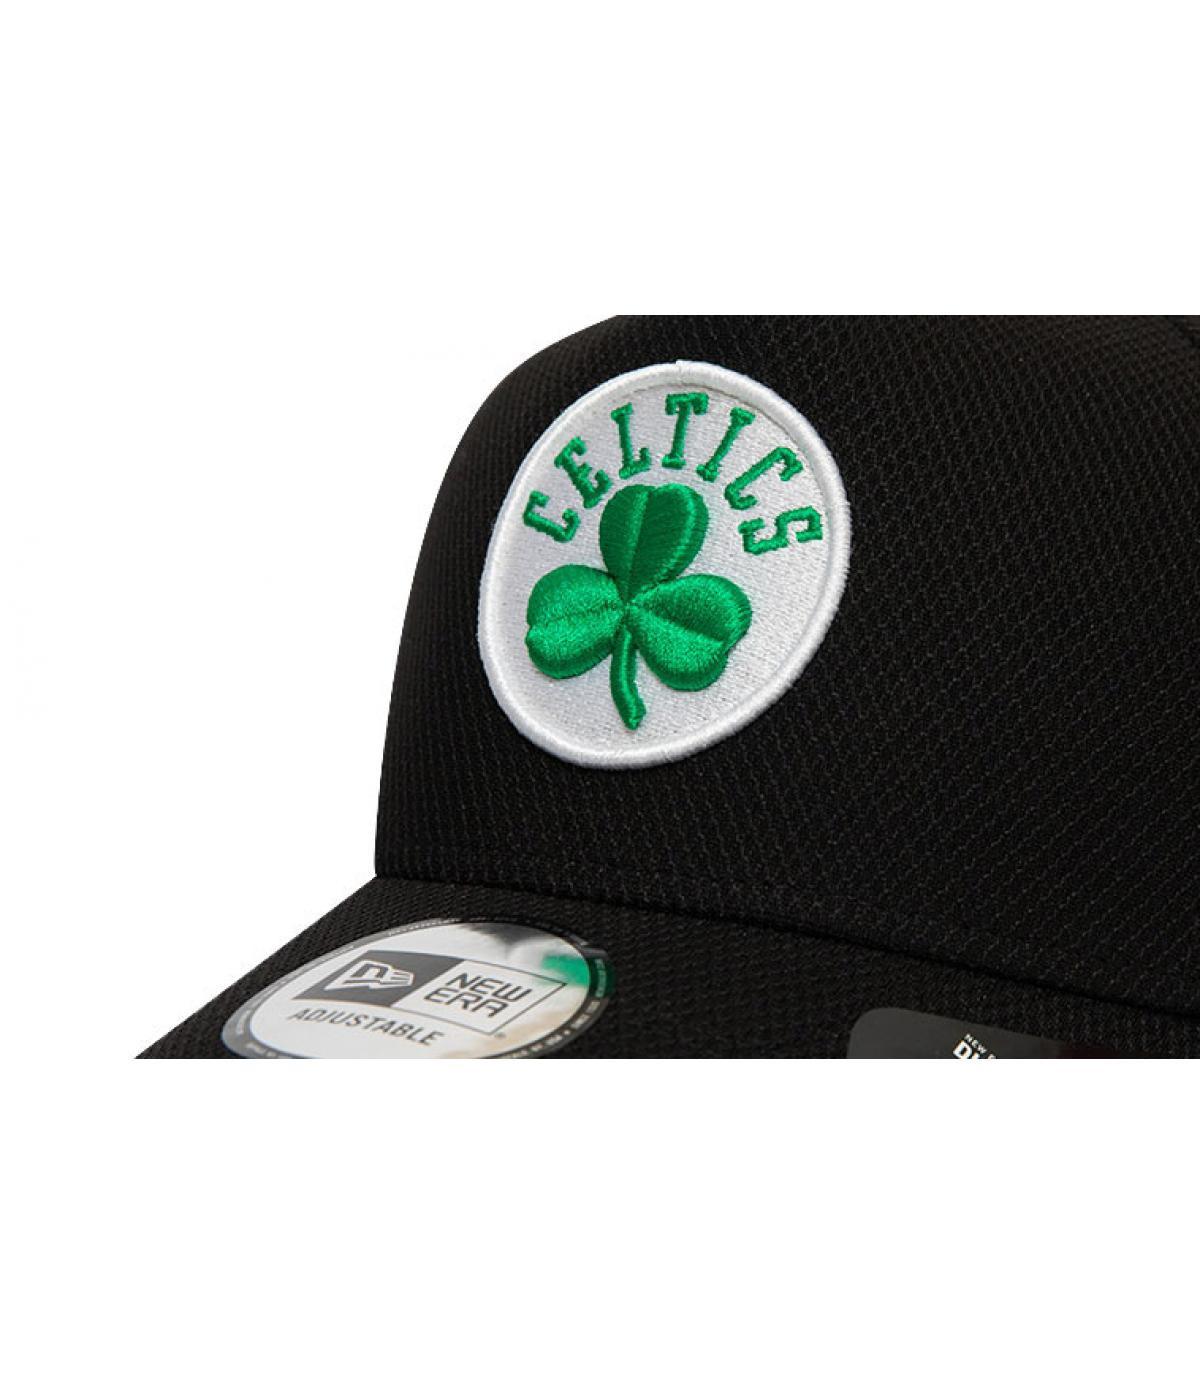 Détails Casquette League Ess Celtics Diamond Era Aframe - image 3